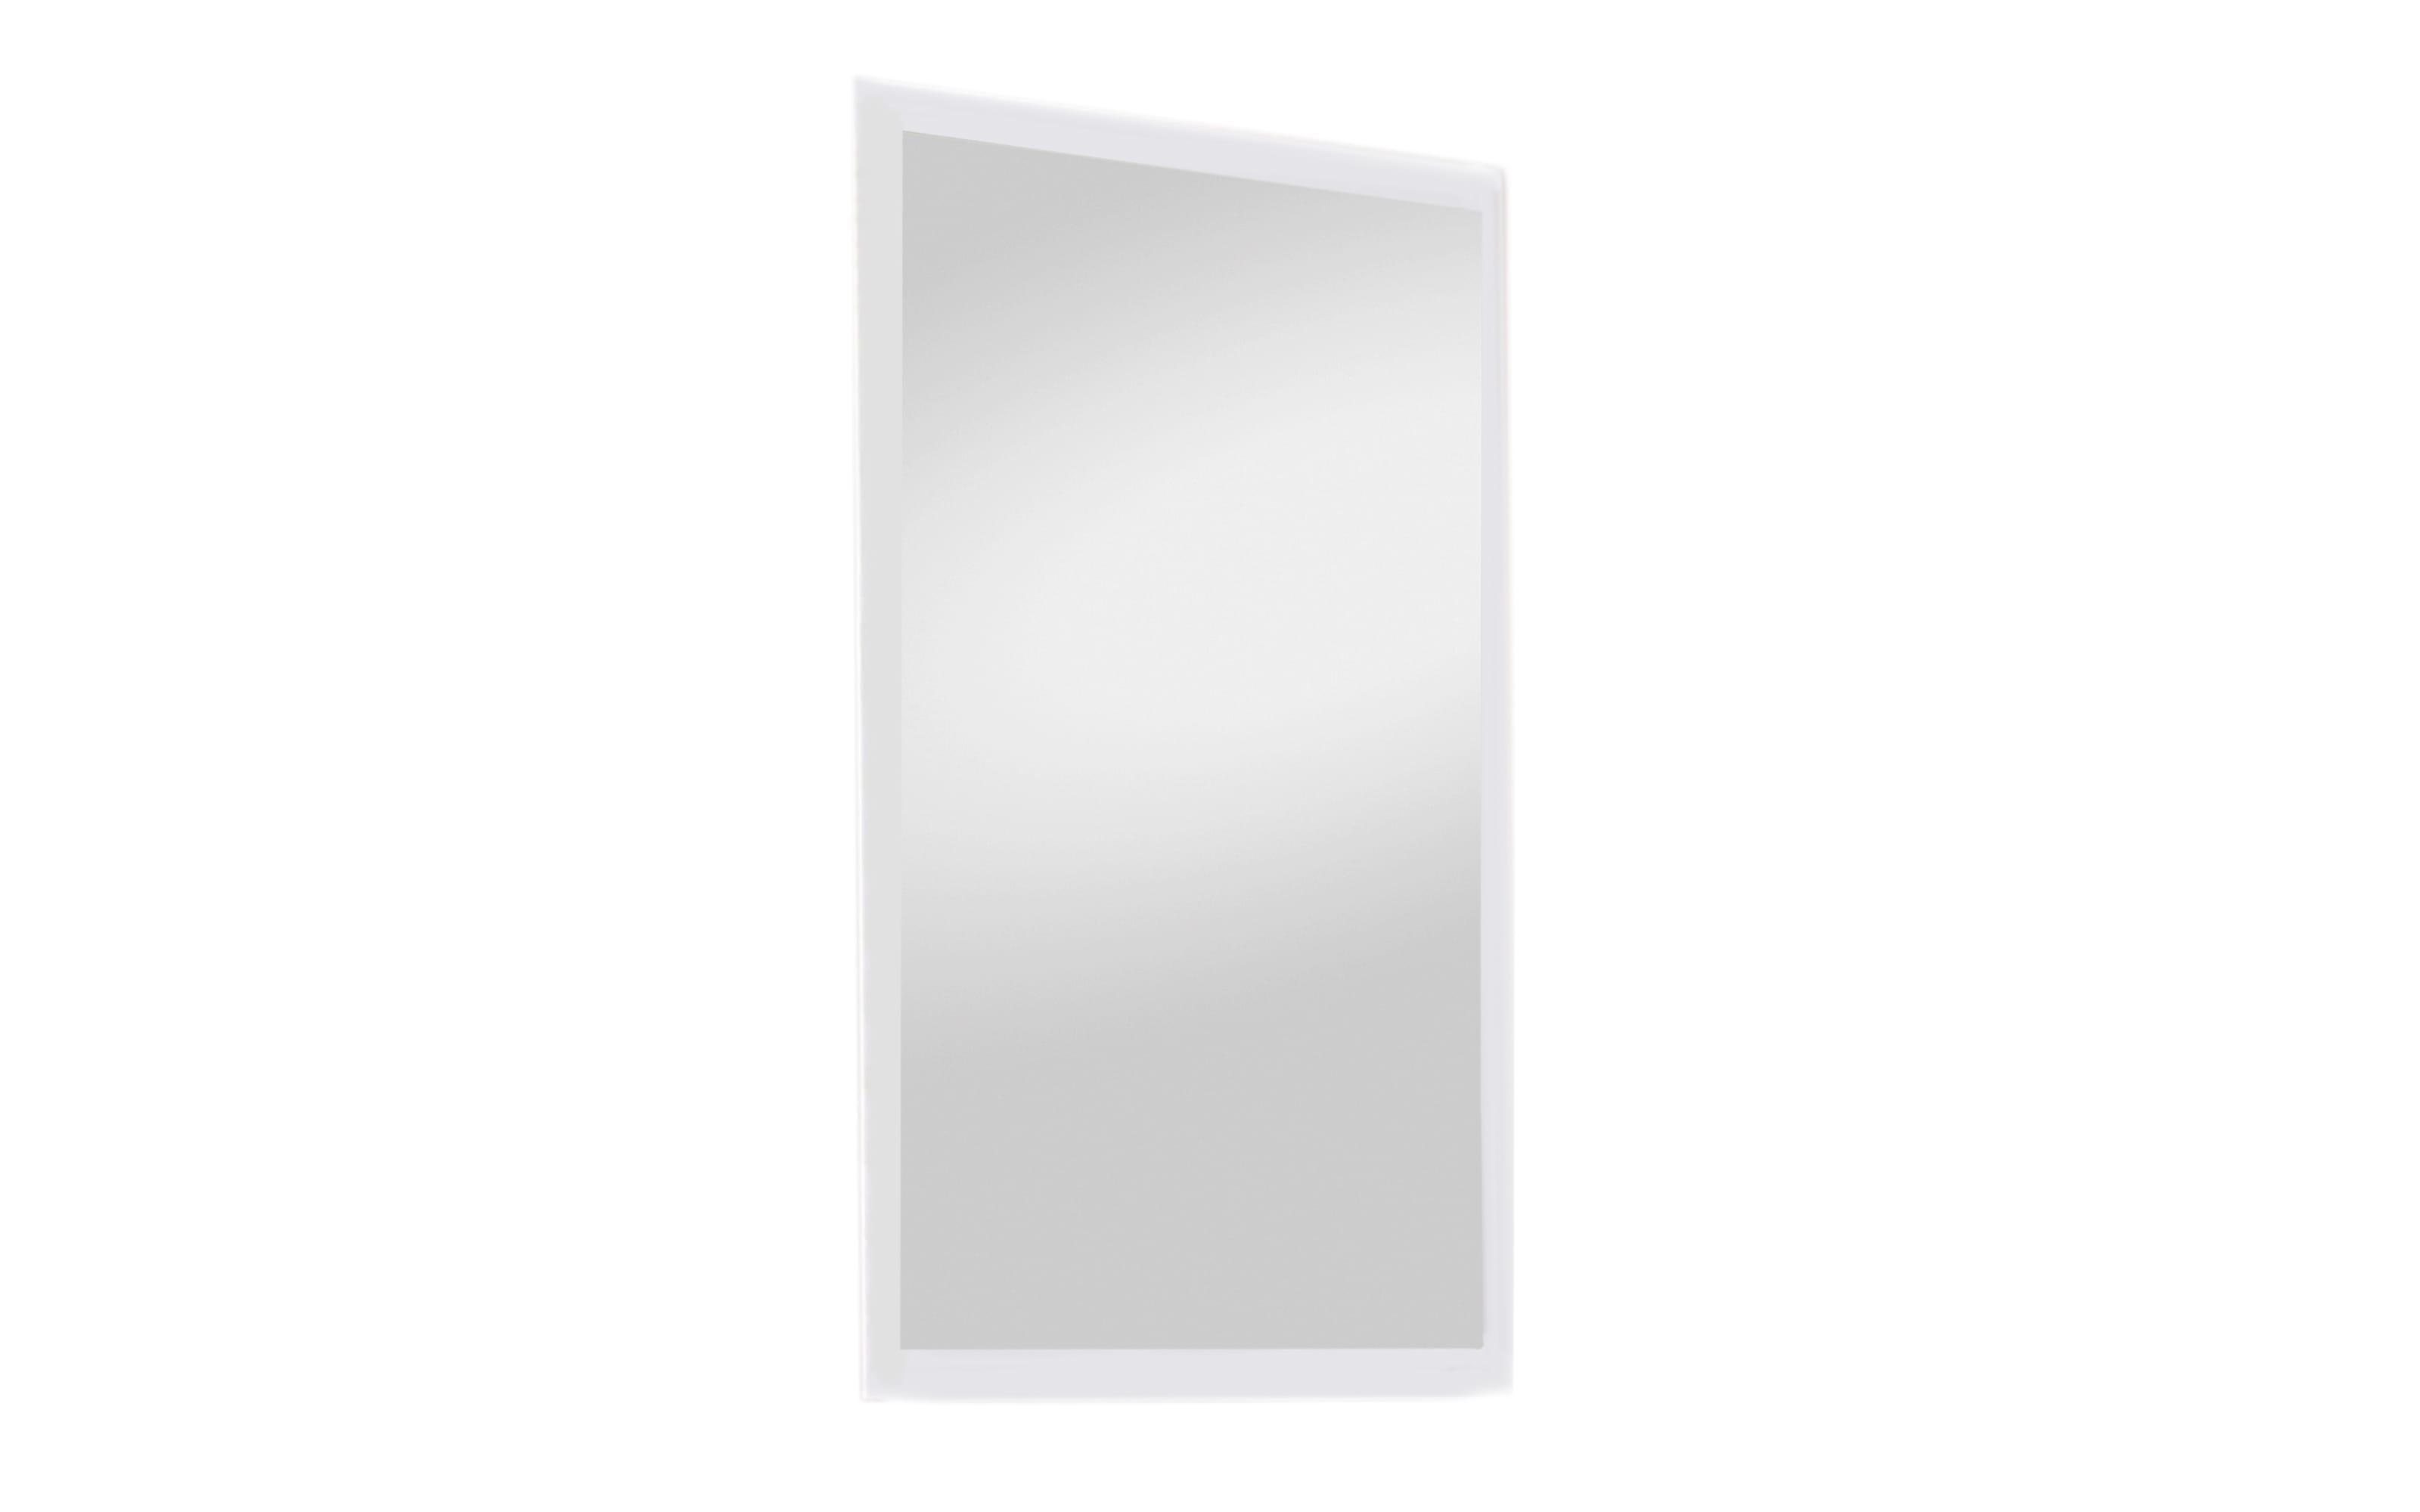 Spiegel Roubaix II in weiß, 60 x 100 cm